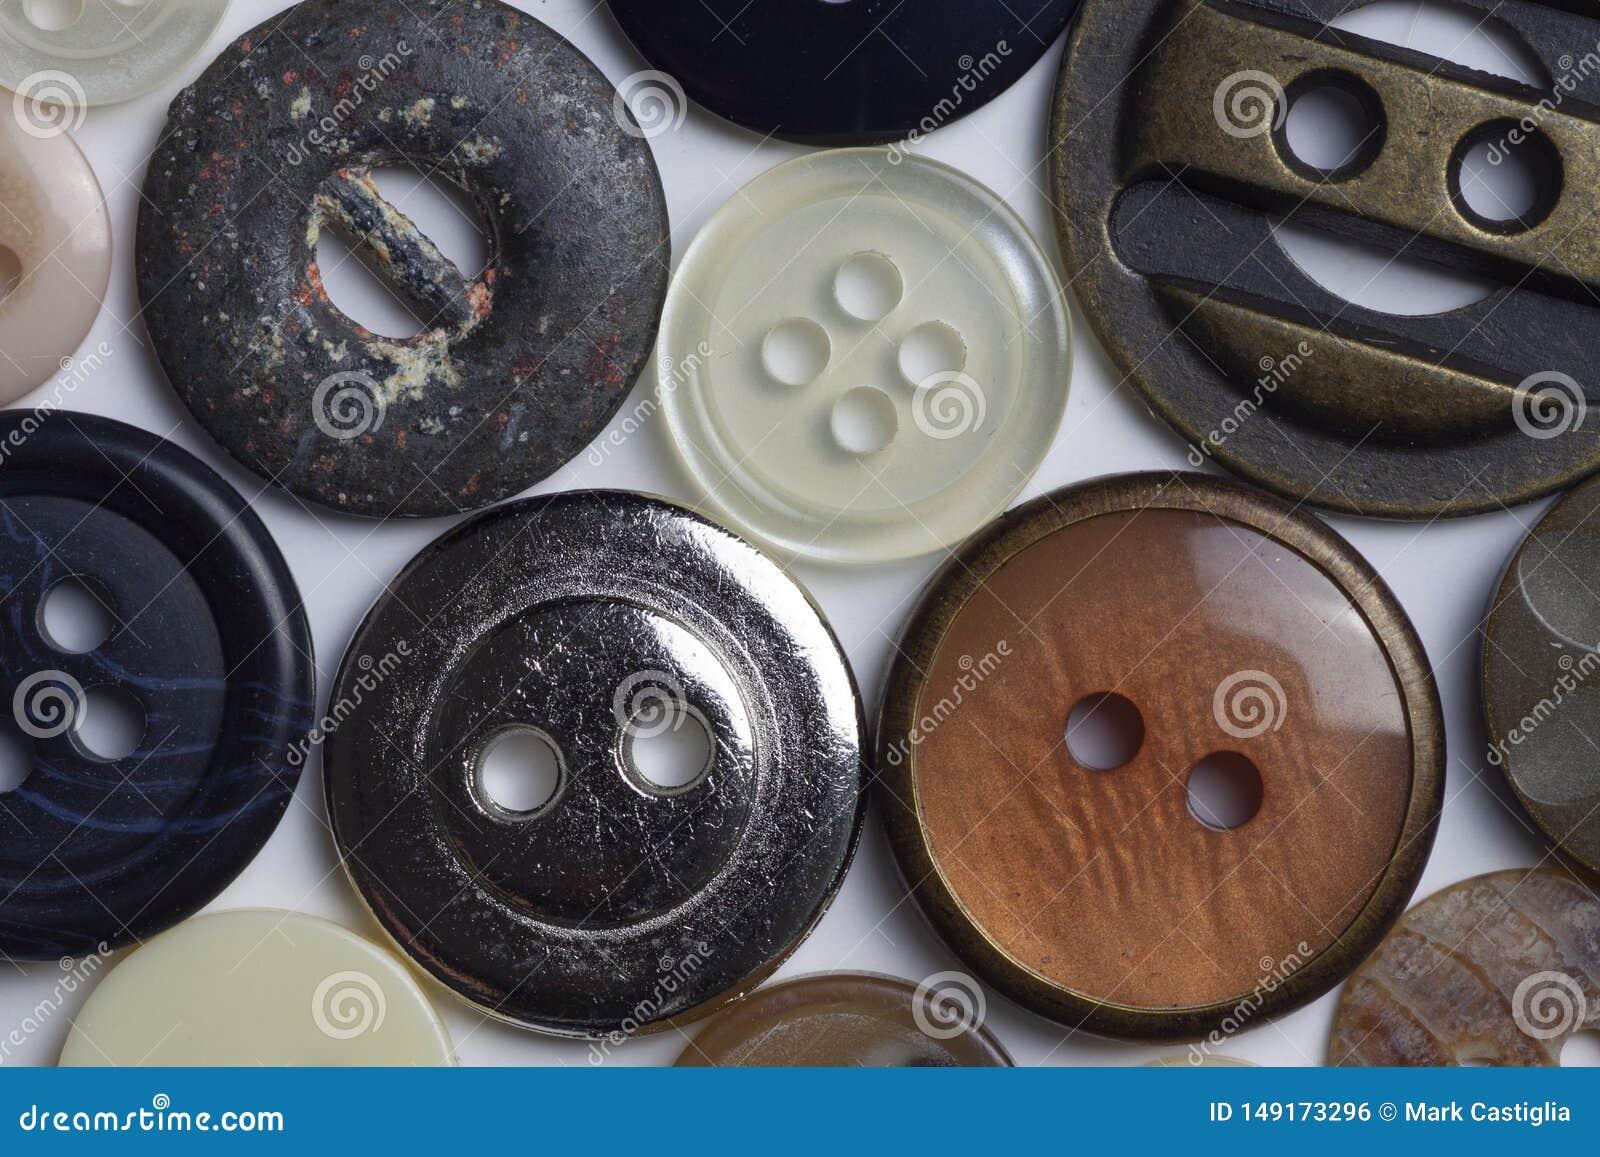 Macro vue des boutons et des attaches avec des couleurs et des textures assorties